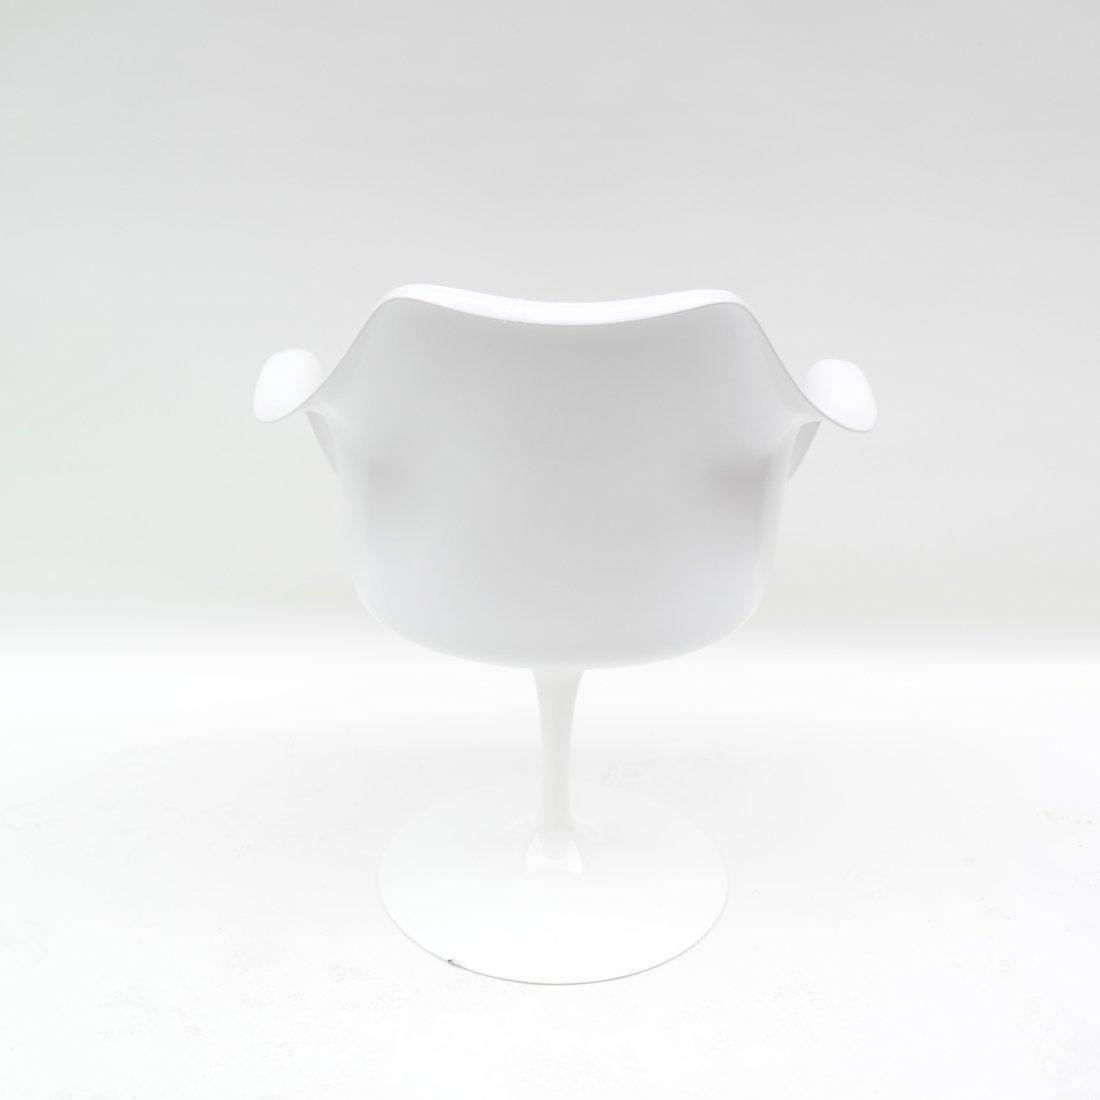 Eero Saarinen Tulip Chair - 3